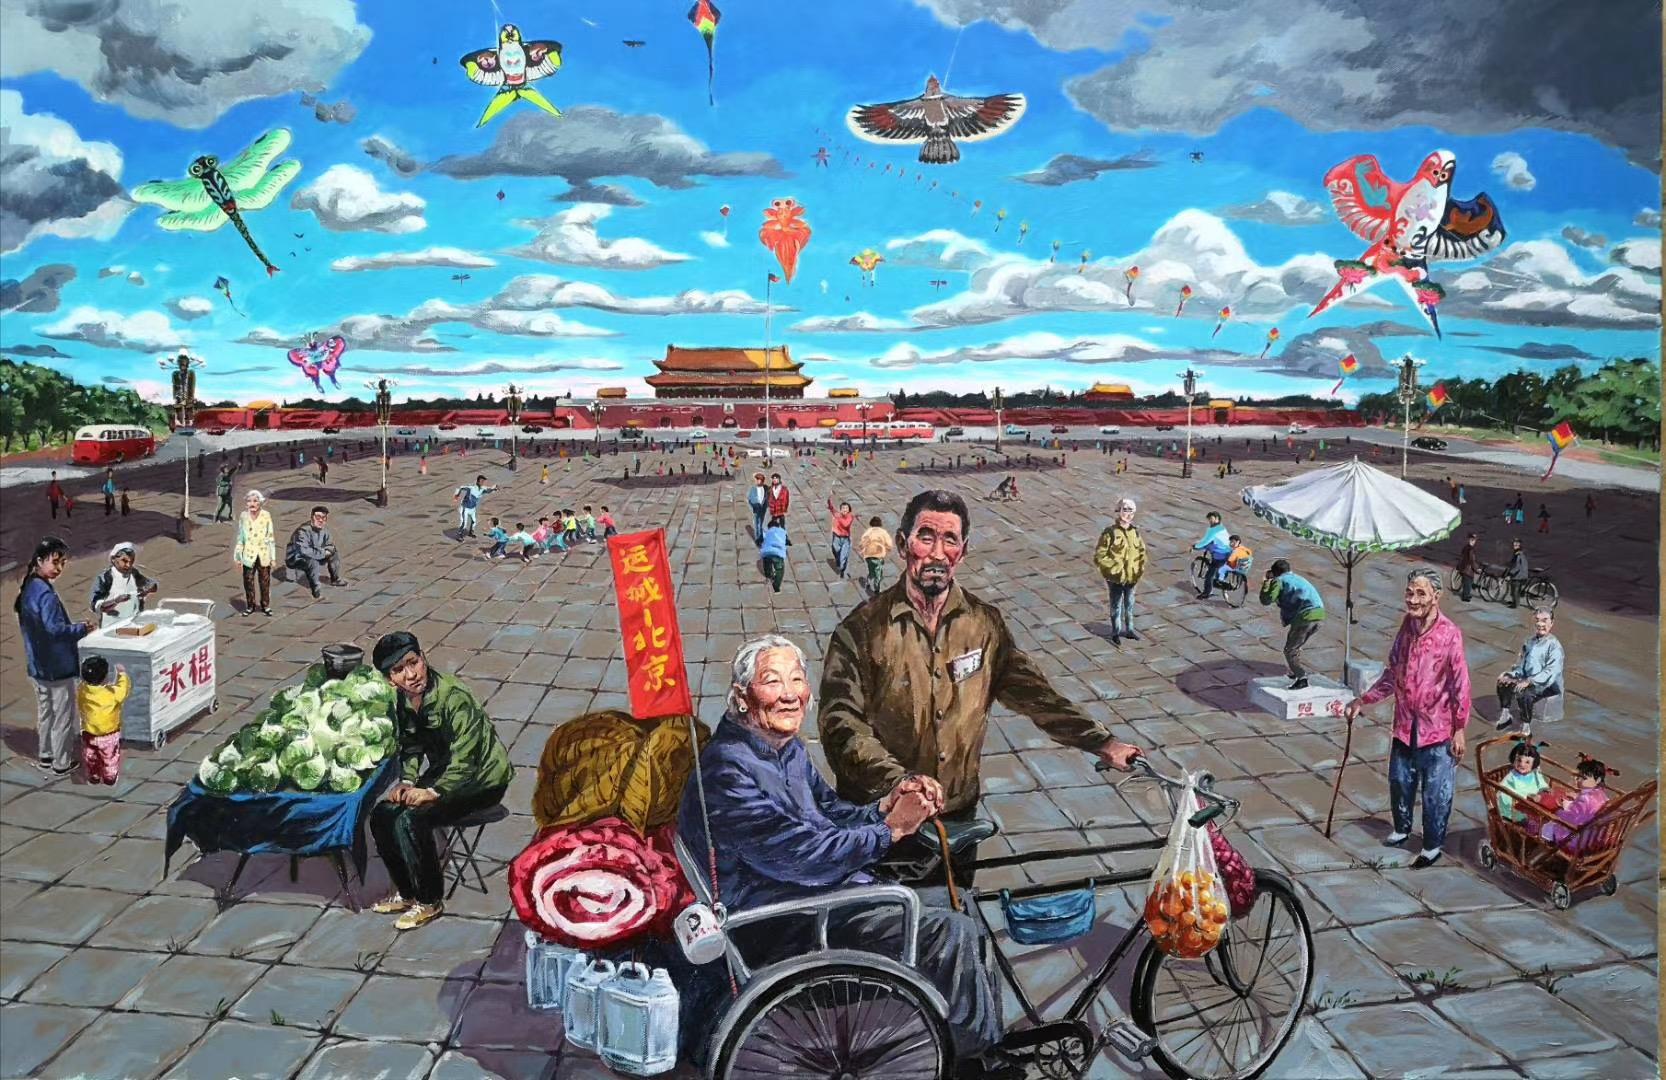 【北京の往事シリーズ】画家:趙斌-第十六回オンライン展示【jin11バーチャルギャラリー】2020年5月